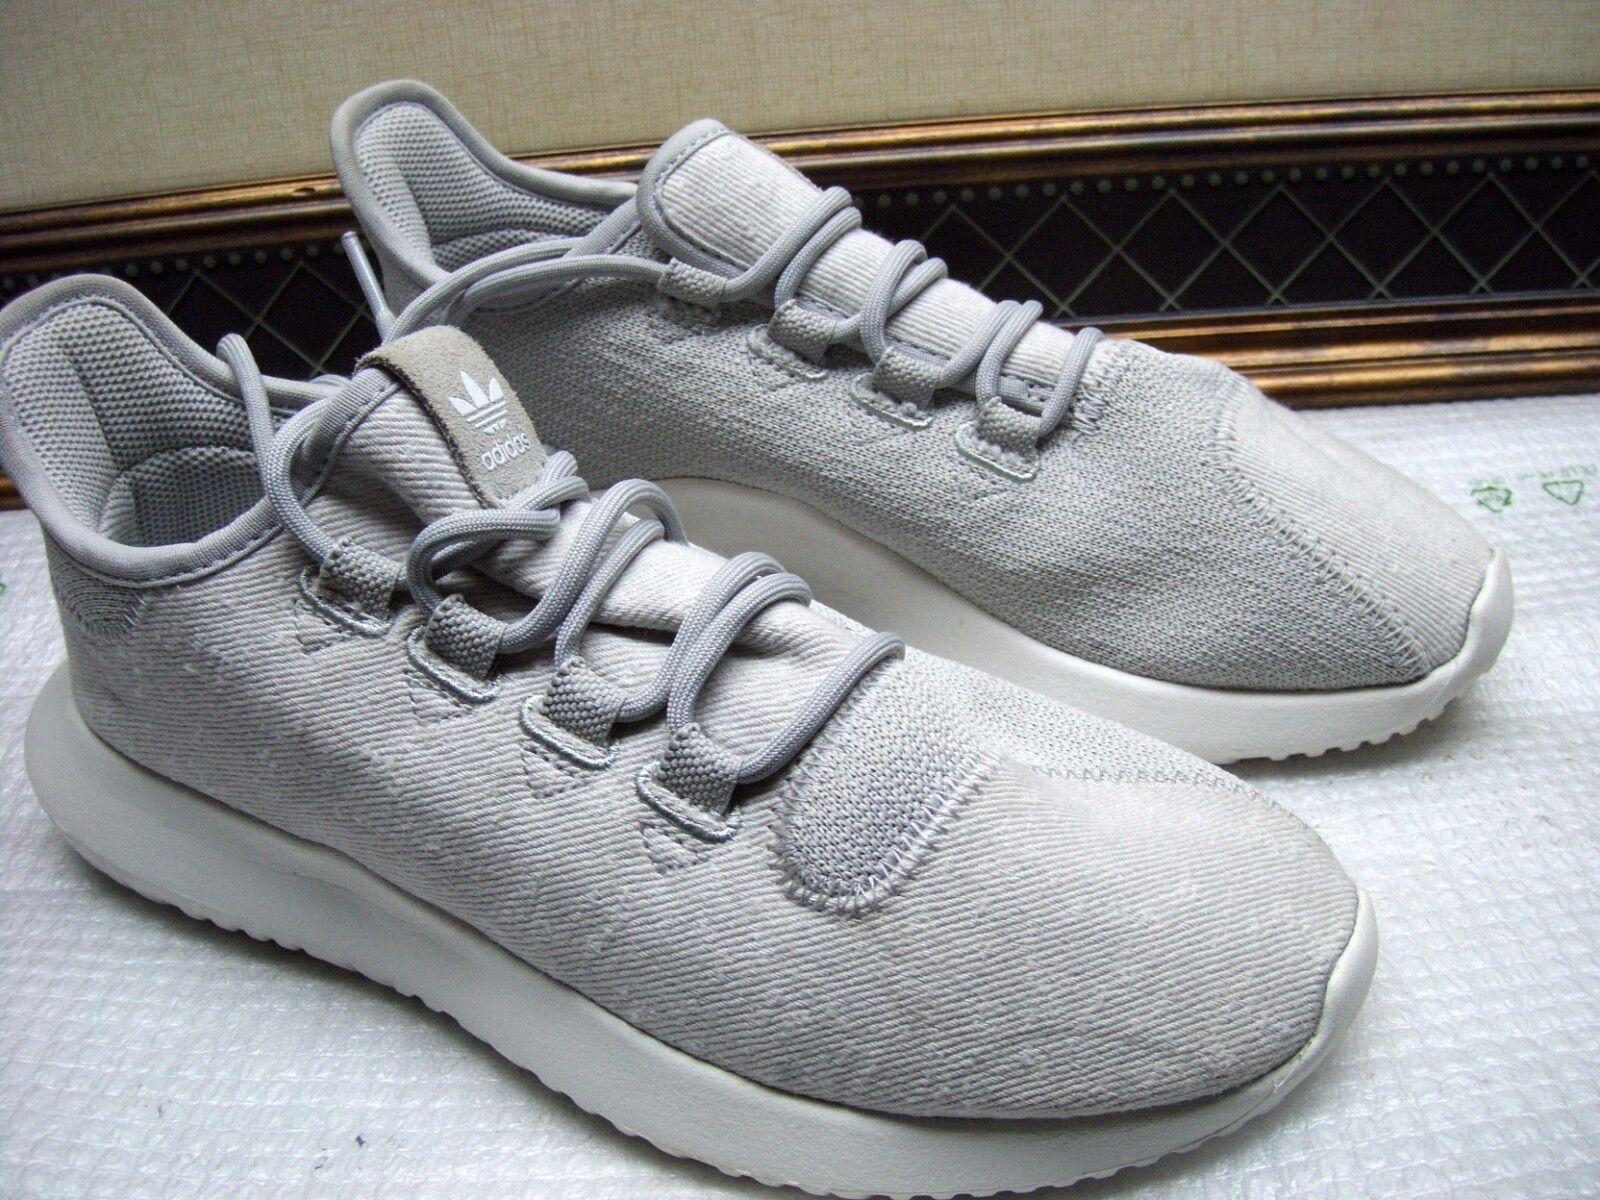 Hiteles Adidas cső alakú nadrágos cipőméret 6 US